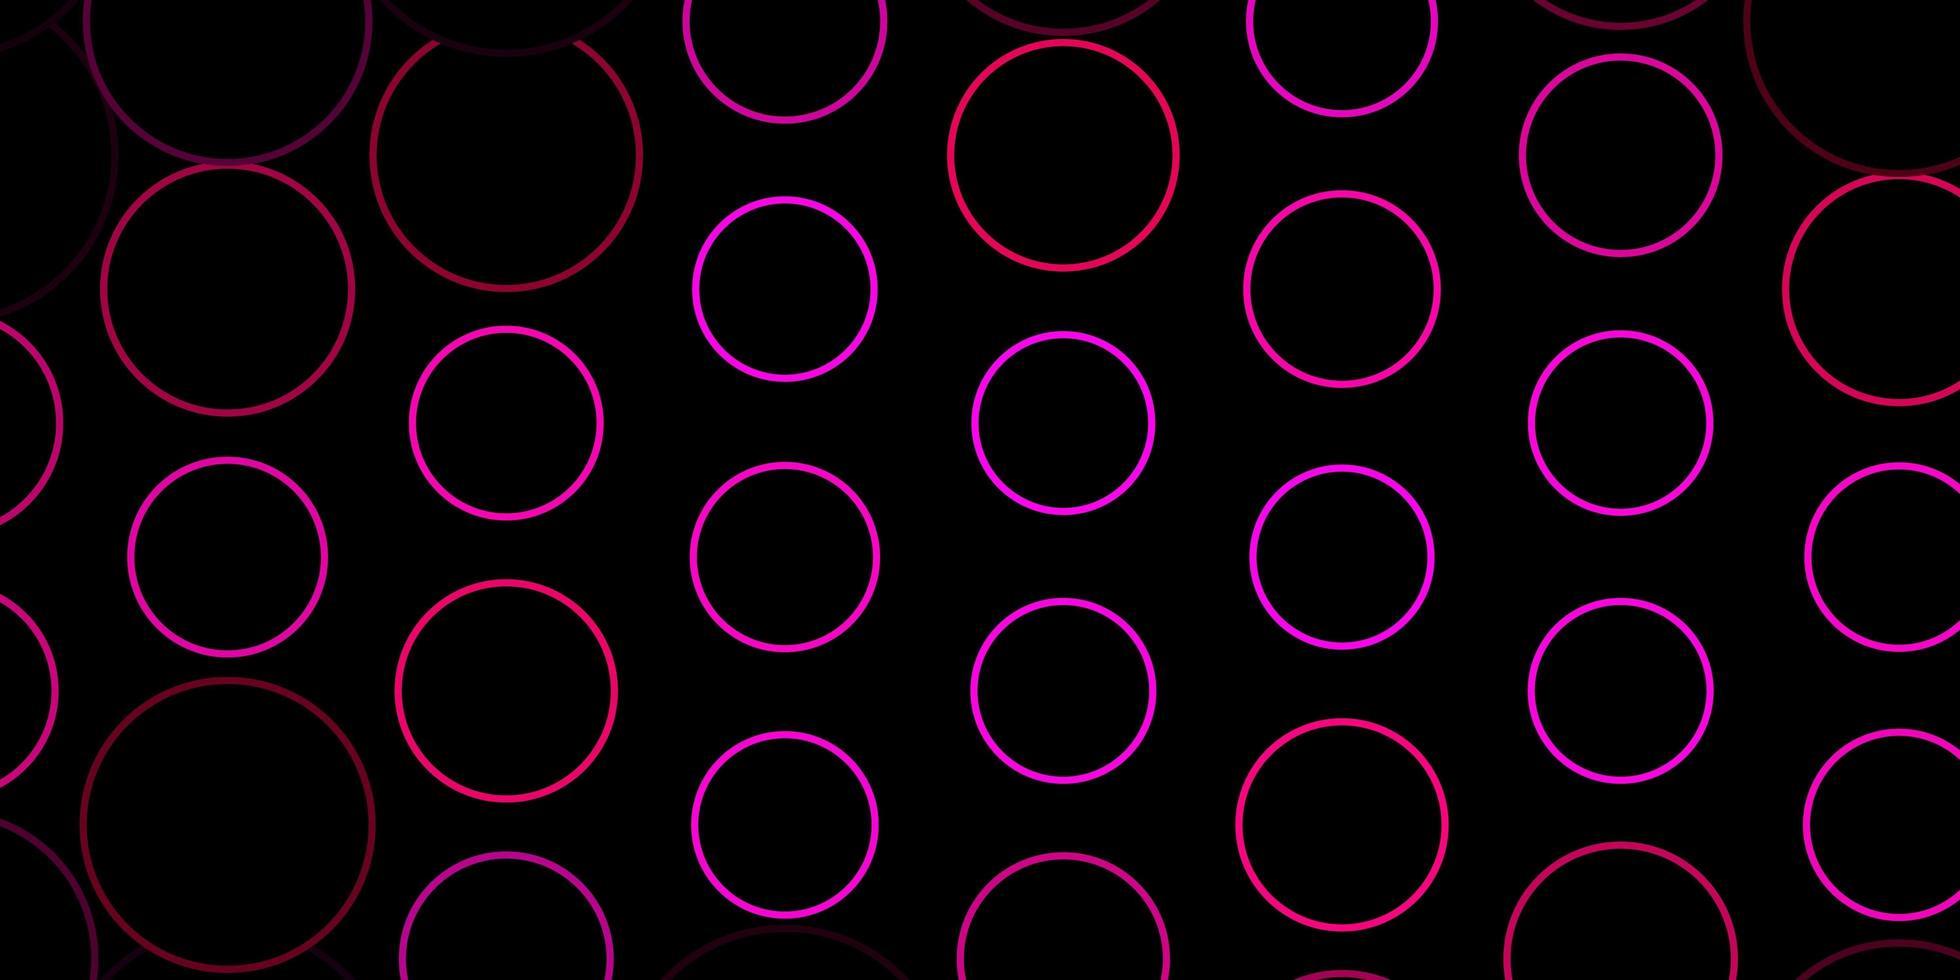 fond de vecteur rose foncé avec des cercles.